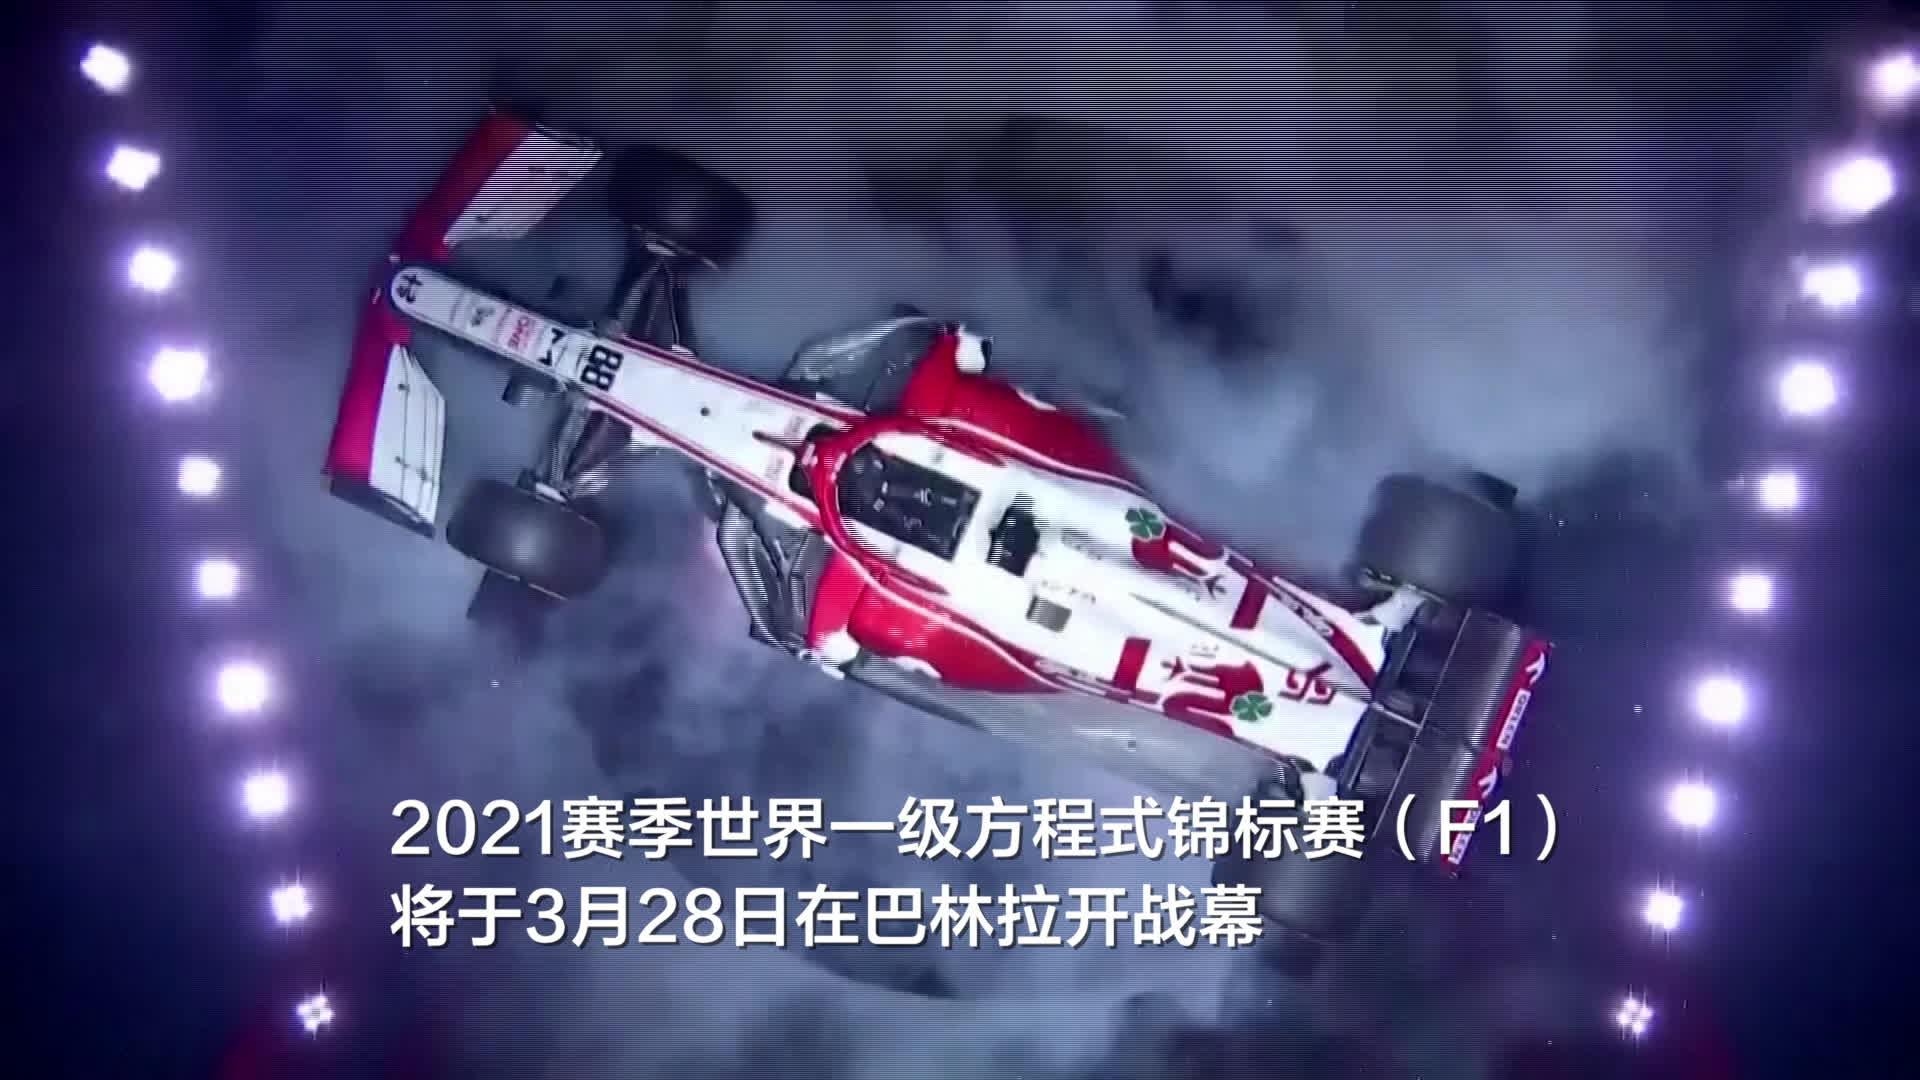 61秒|阿尔法罗密欧车队发布新款赛车 F1锦标赛将于3月28日拉开战幕